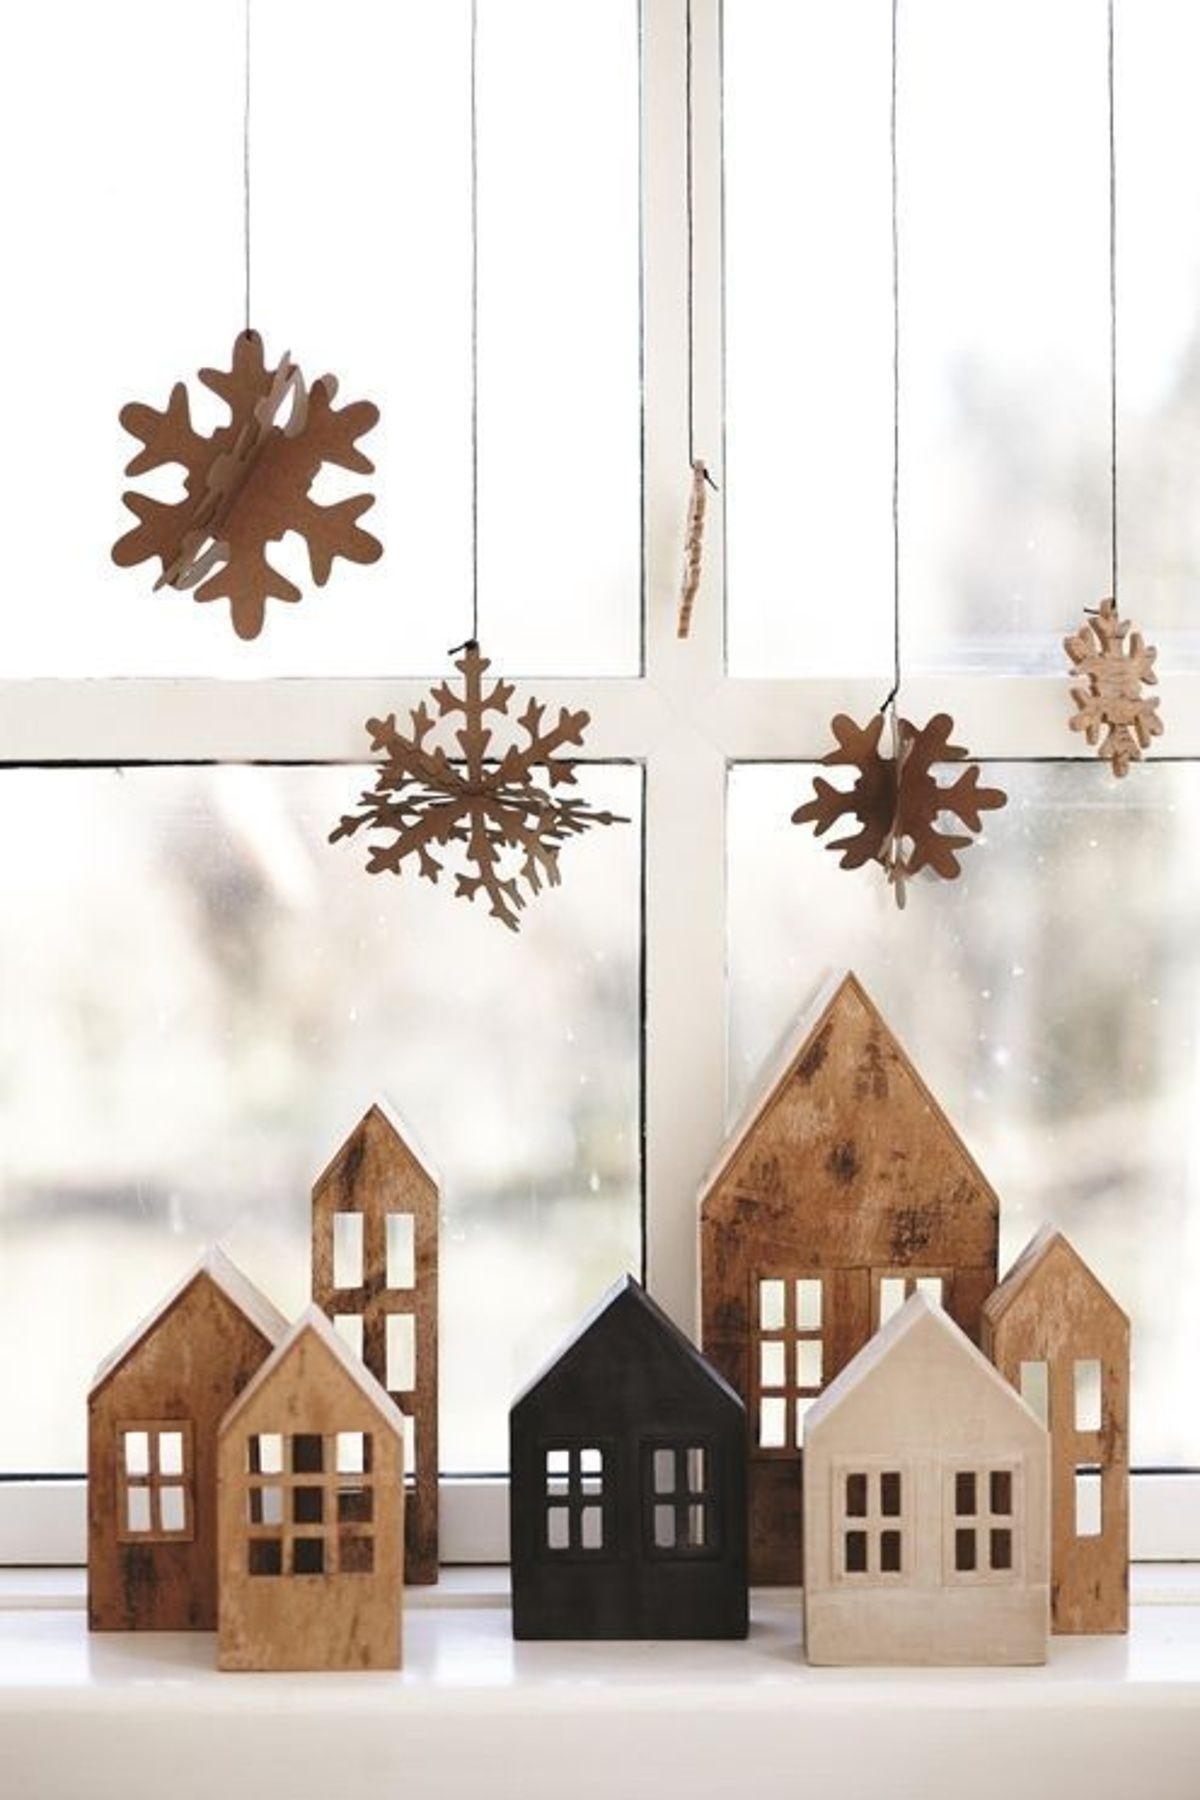 Deko Haus rustikal Beton Vorderansicht Weihnachten Pinterest